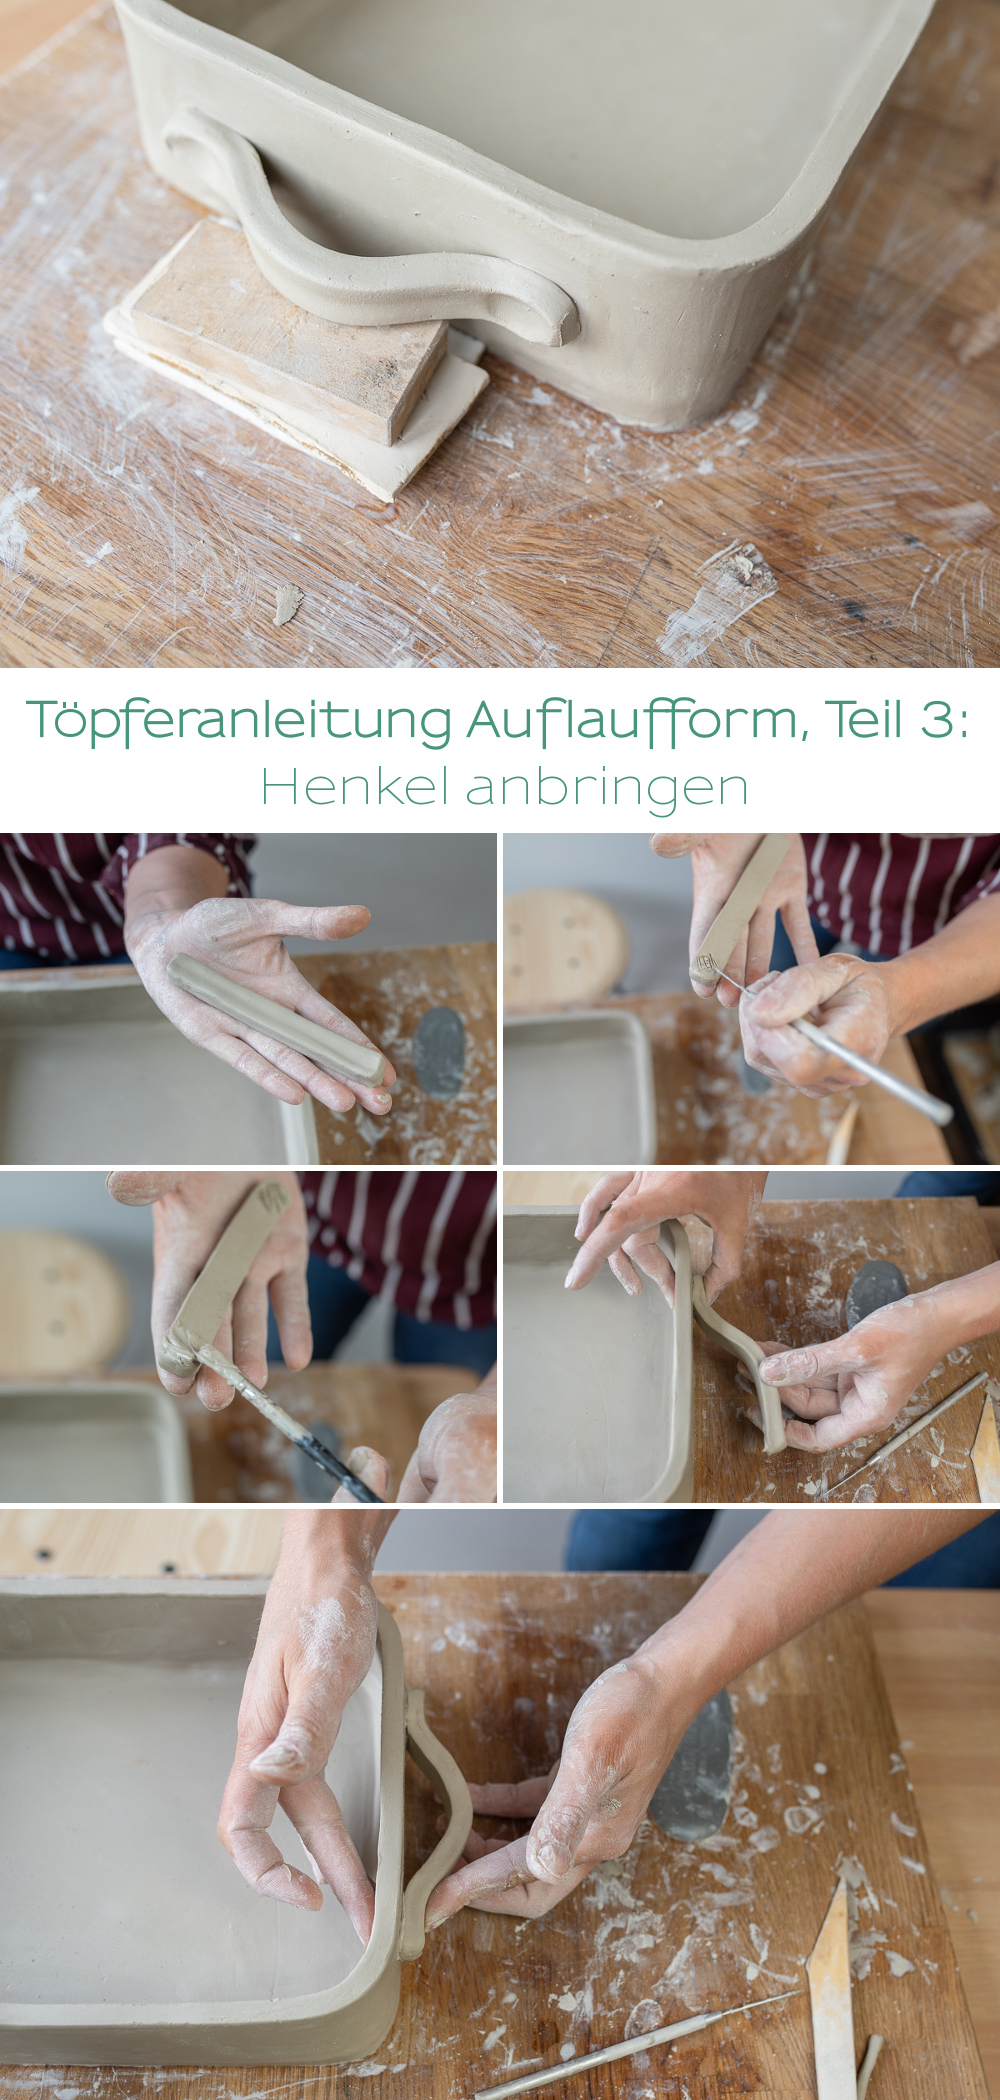 Schritt für Schritt DIY töpfer Anleitung für eine handgetöpferte Auflaufform aus Ton für Anfänger und Fortgeschrittene